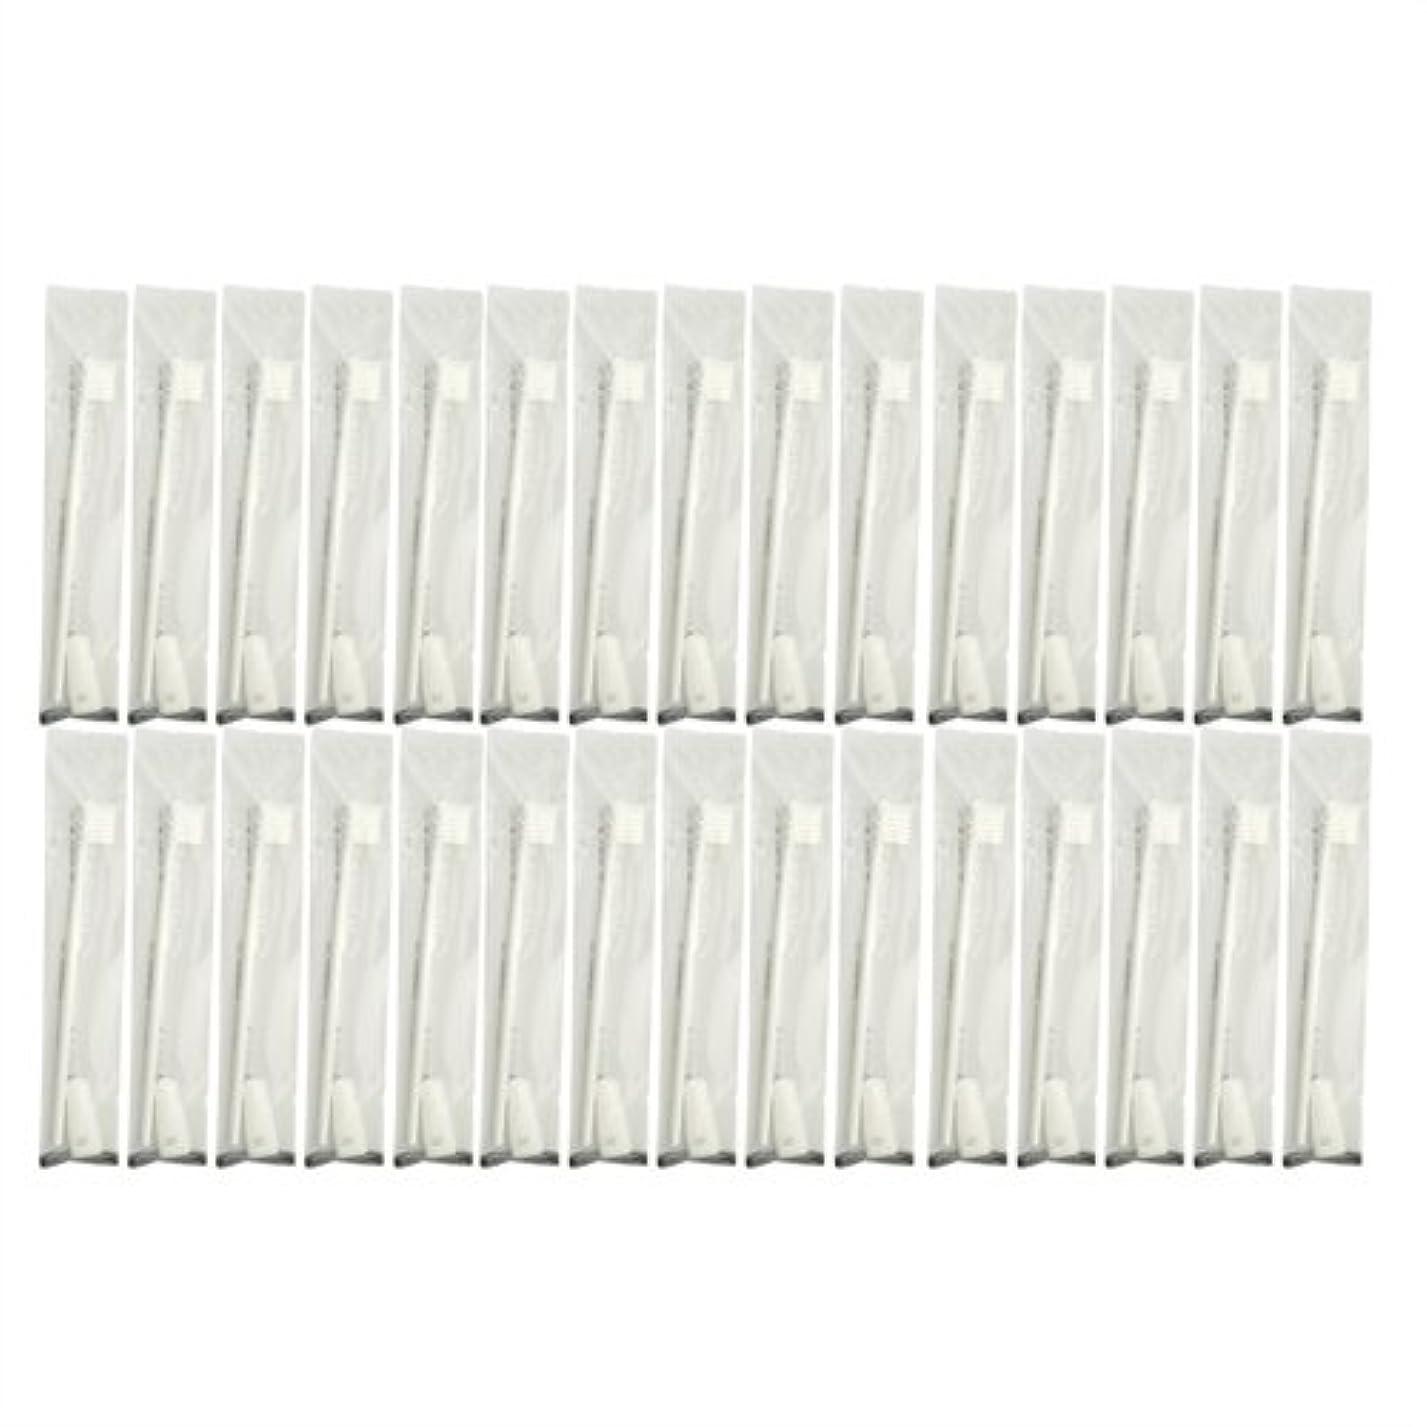 店主基本的な悲劇的な業務用 使い捨て歯ブラシ チューブ歯磨き粉(3g)付き ホワイト 30本セット│ホテルアメニティ 個包装タイプ